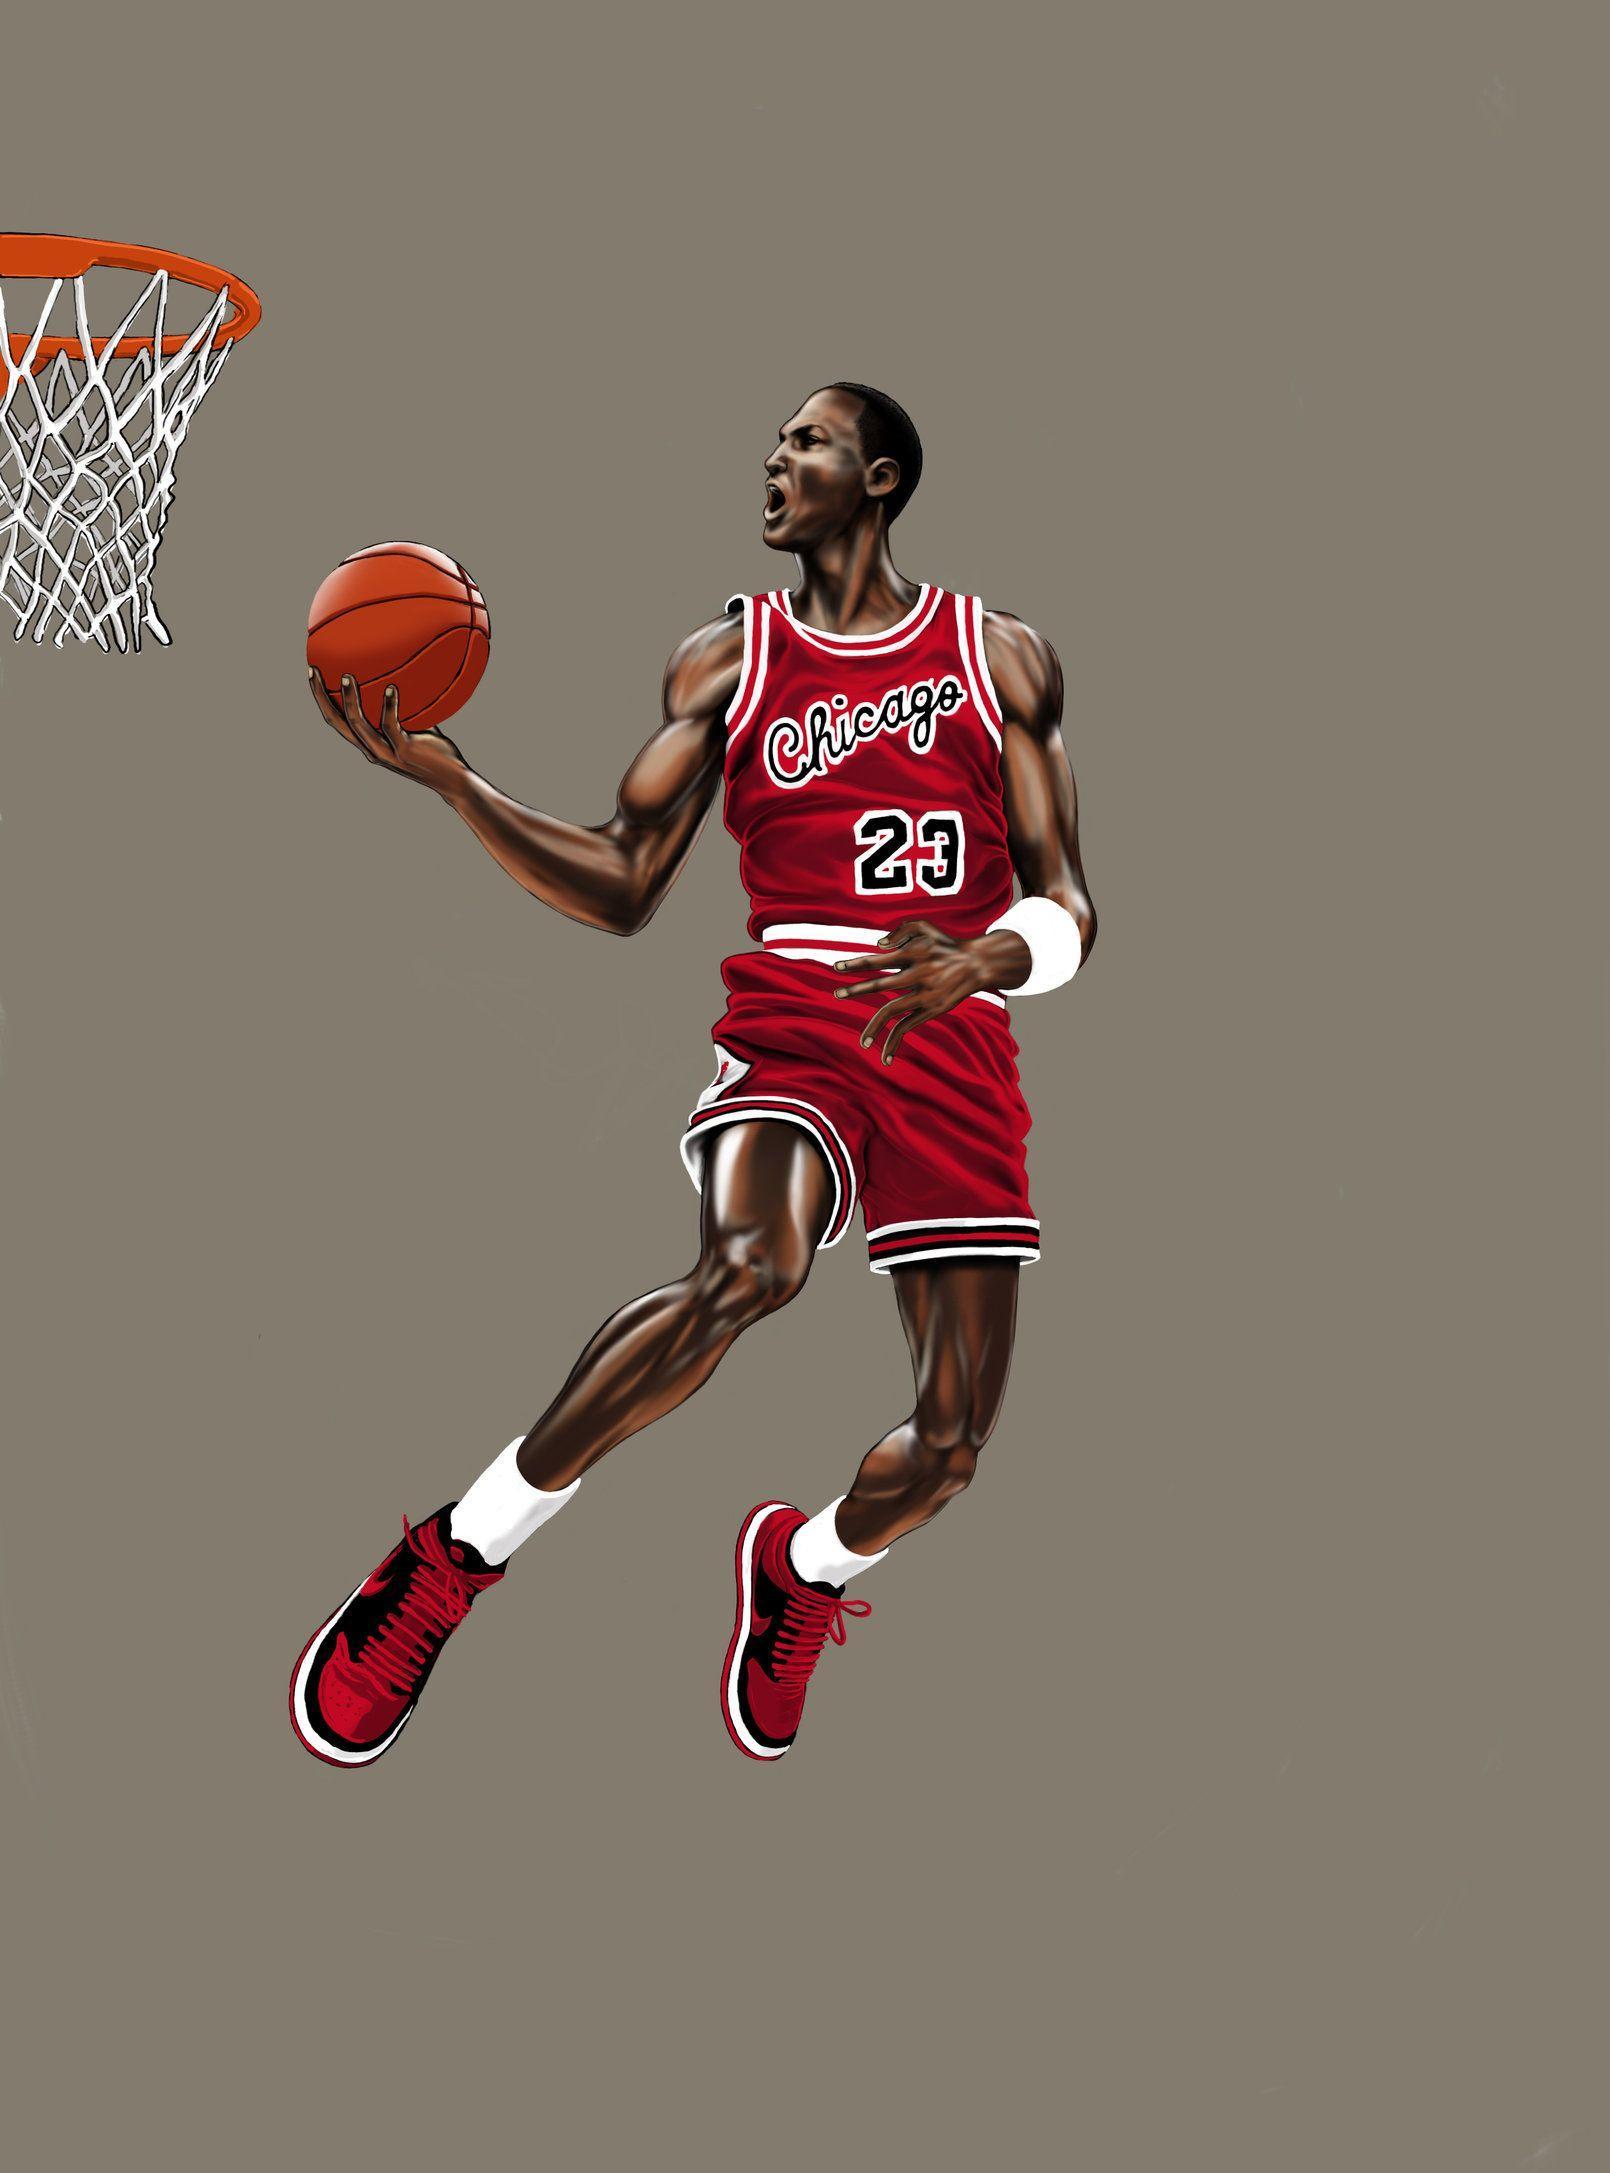 Cartoon Jordan Dunking Wallpapers Top Free Cartoon Jordan